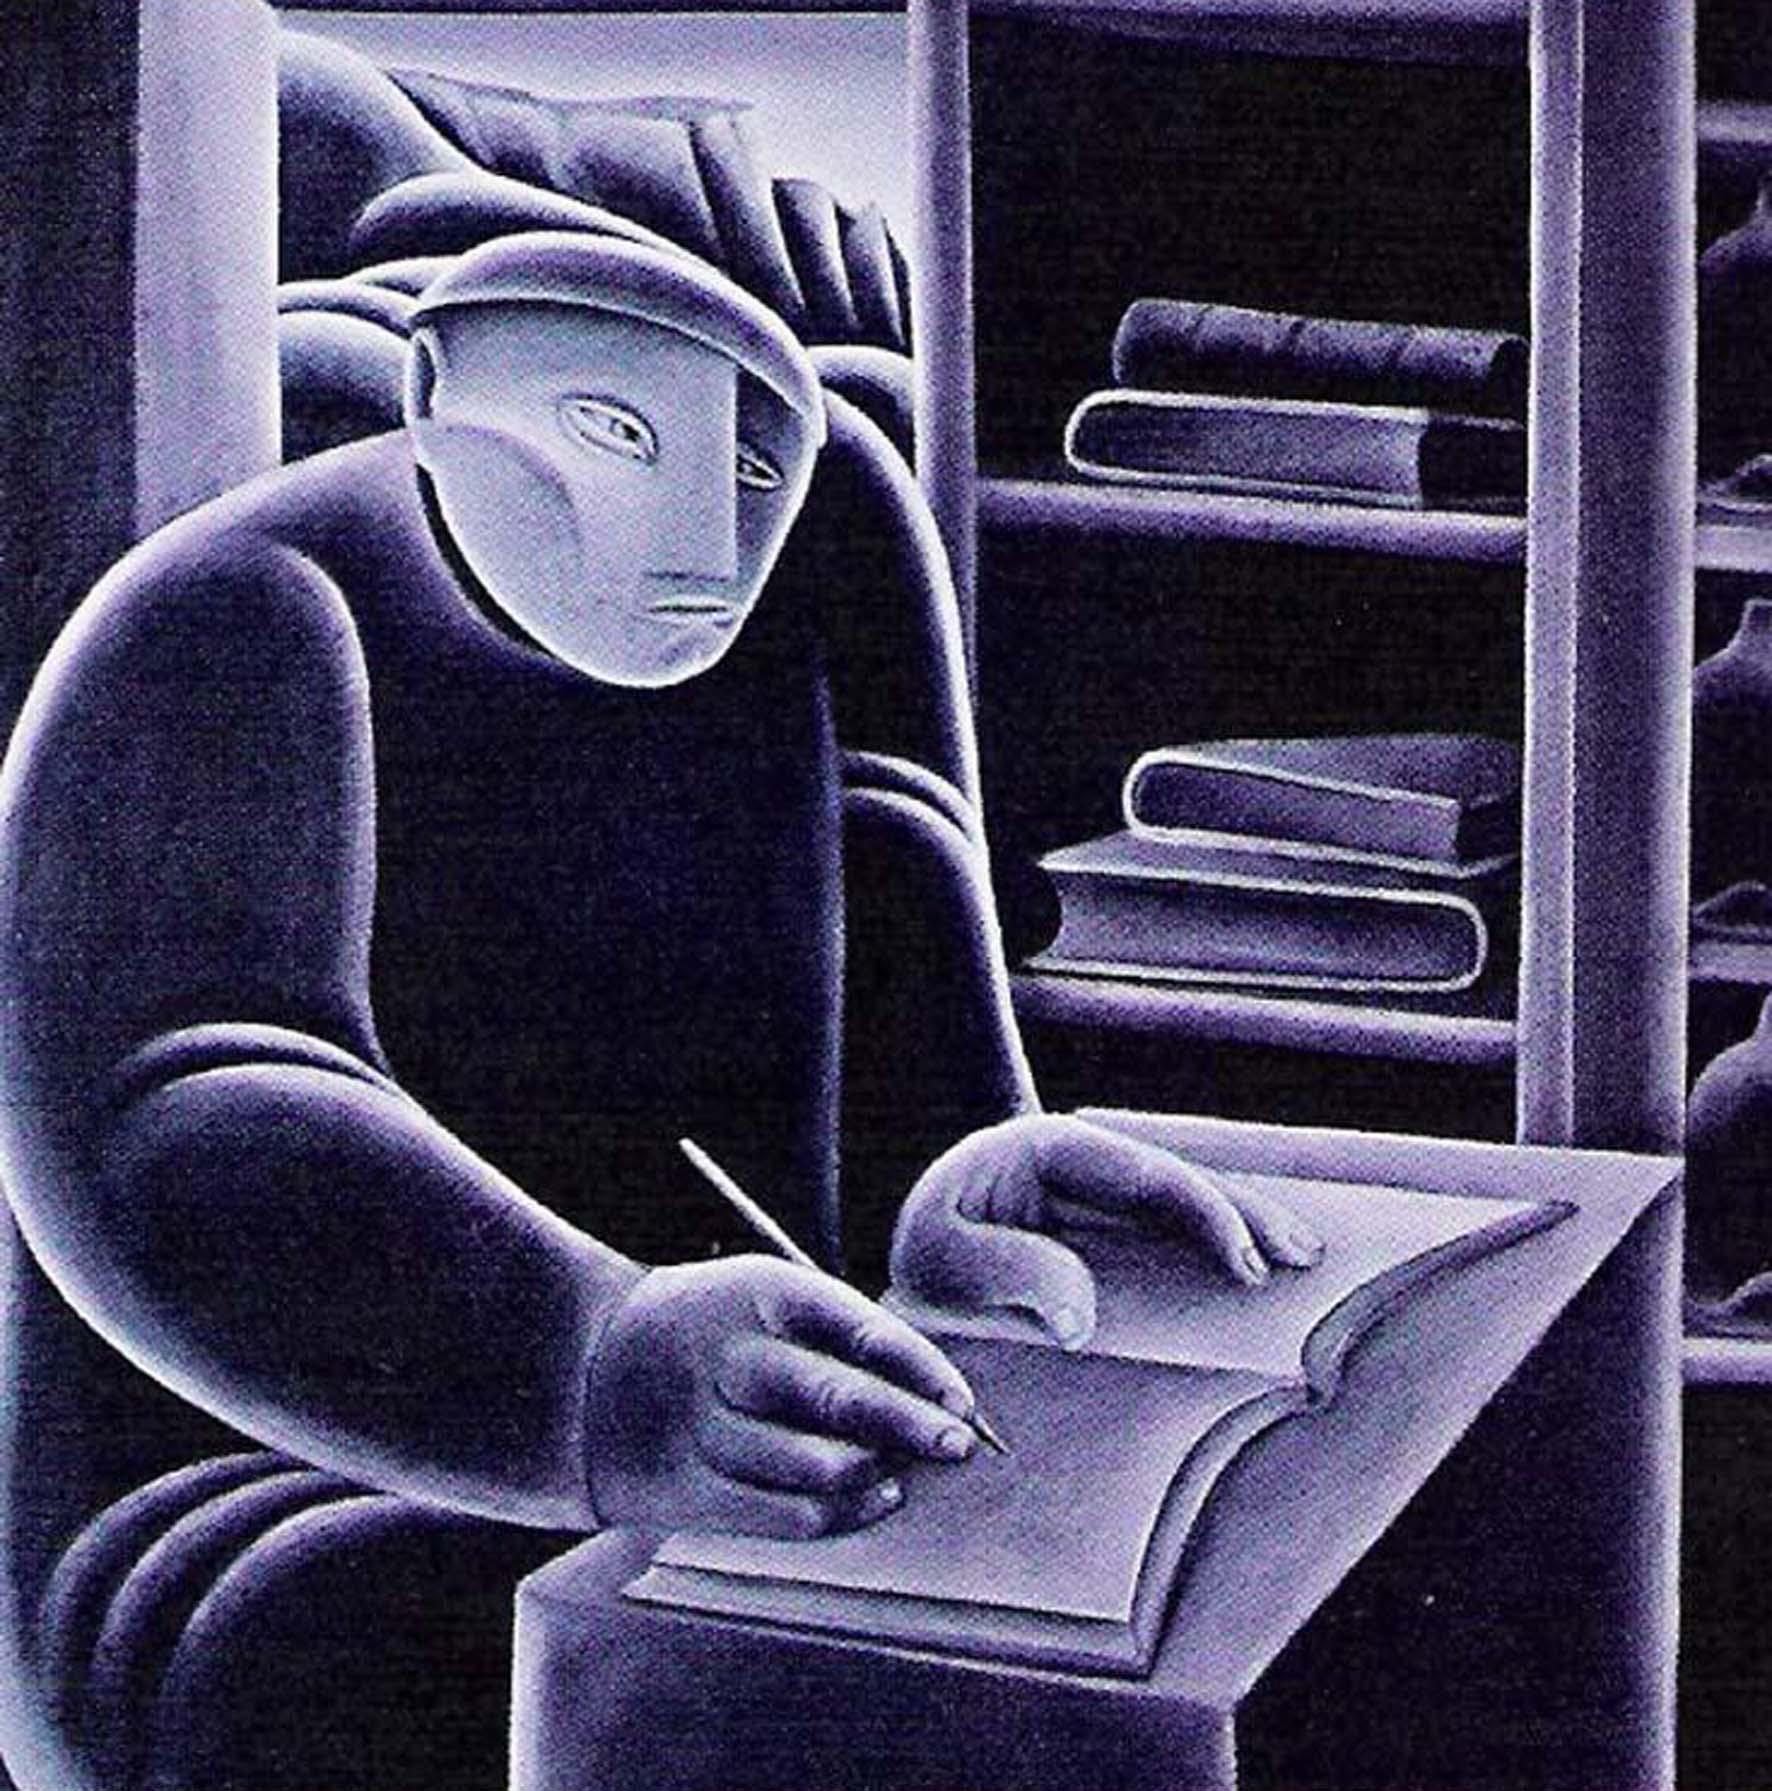 Pietro Verdini